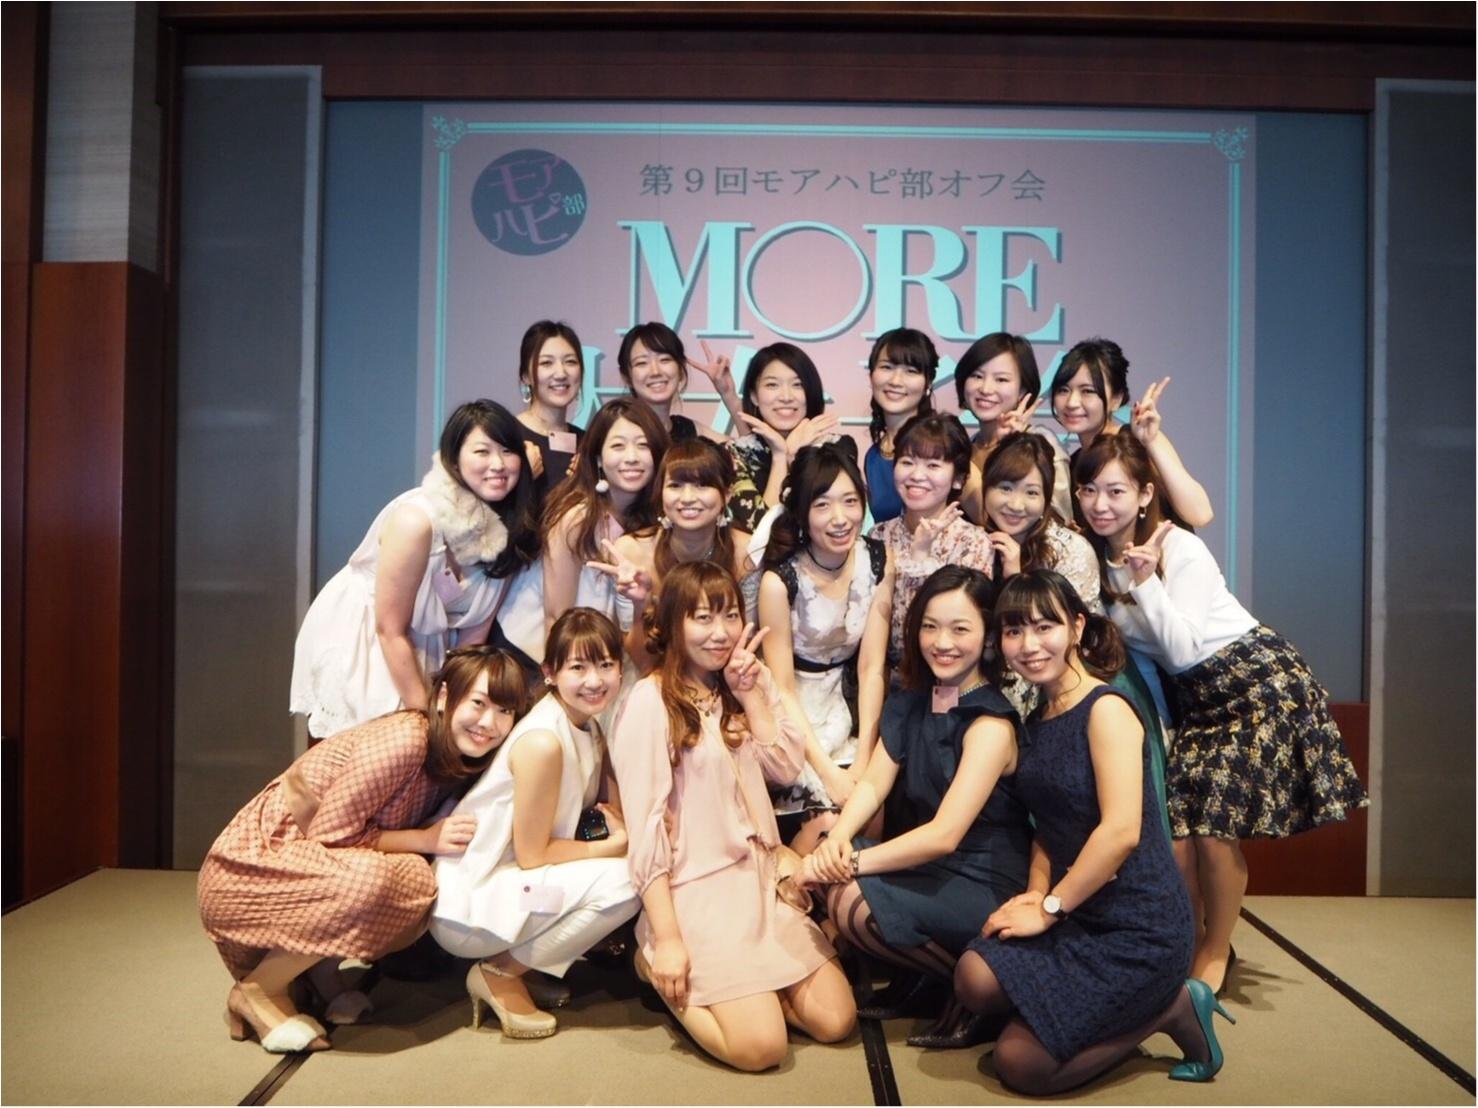 おしゃれ部員大集合!!年に一度のお楽しみ♡モアハピ大女子会byじゅな_9